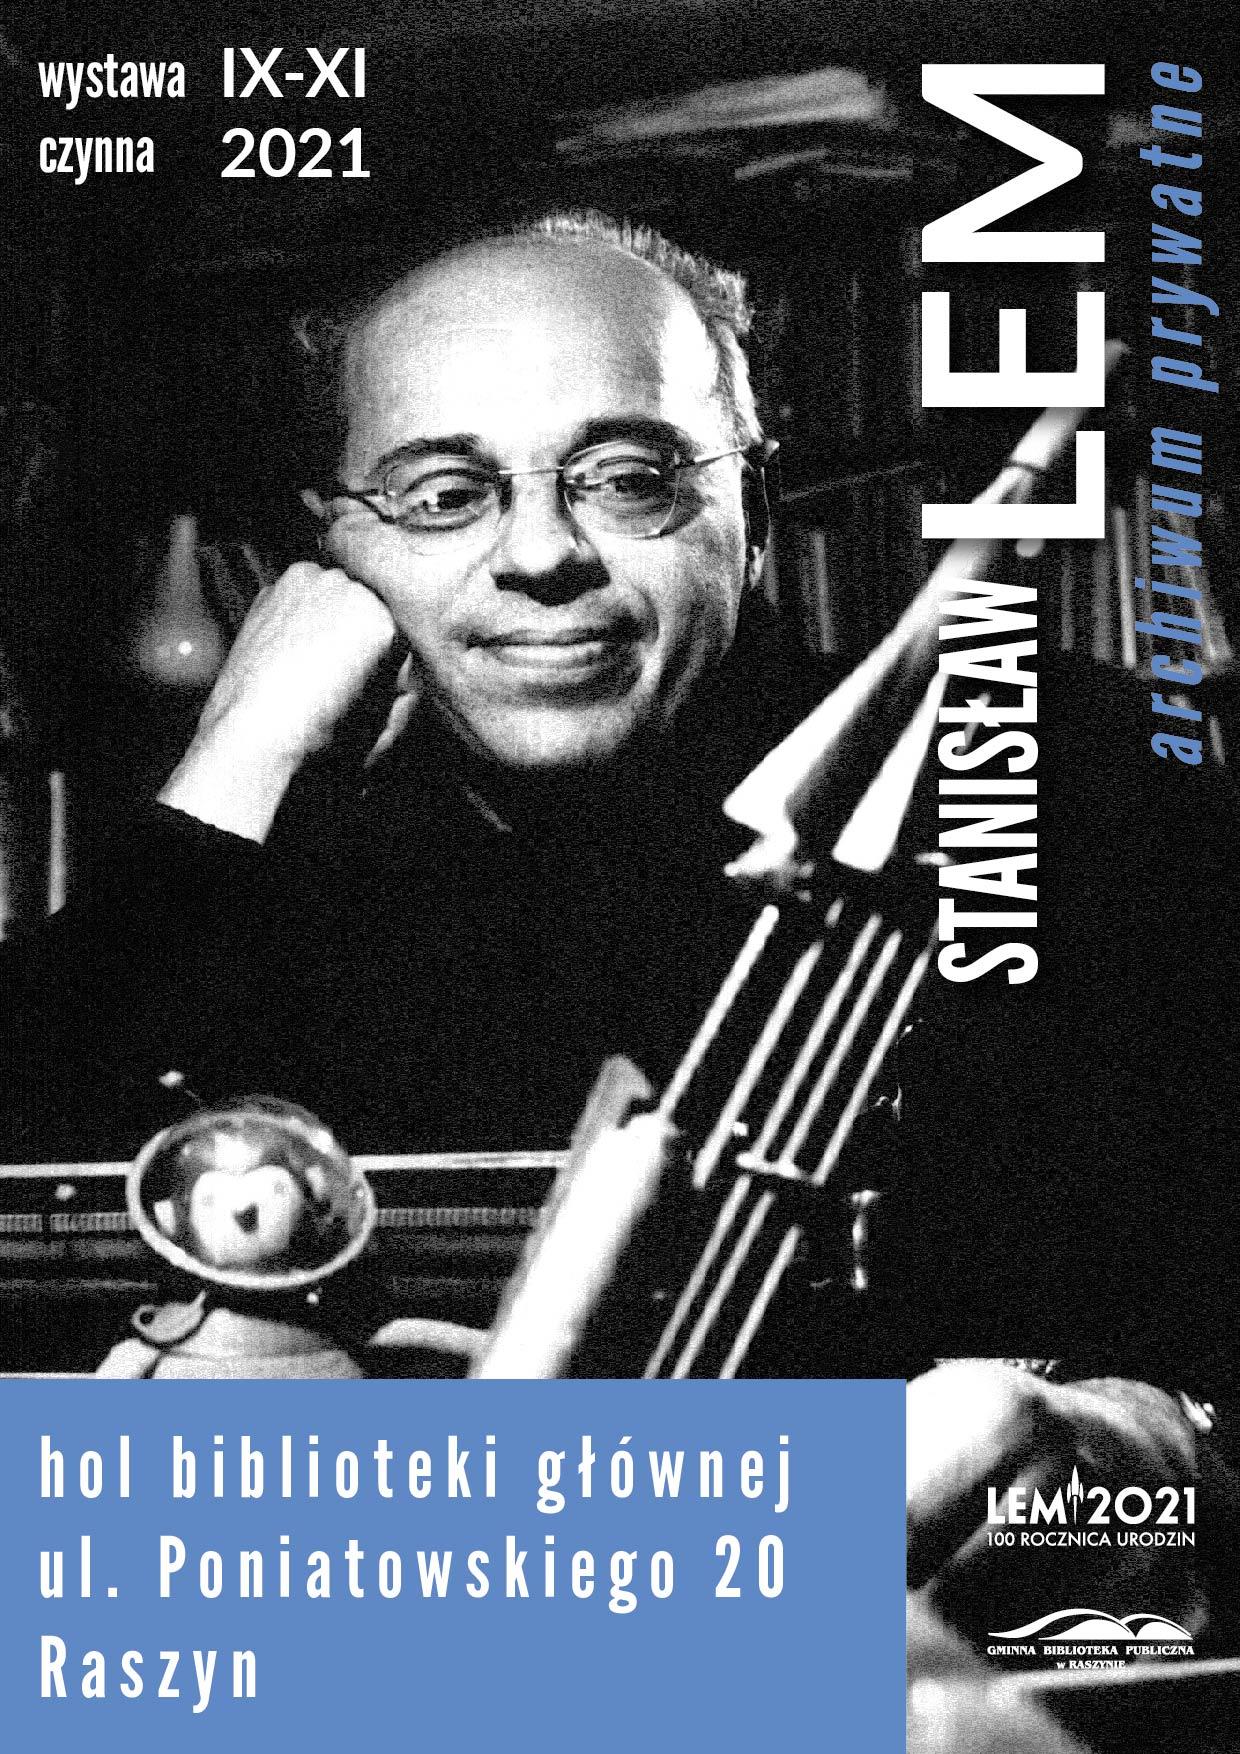 Stanisław Lem - plakat wystawy